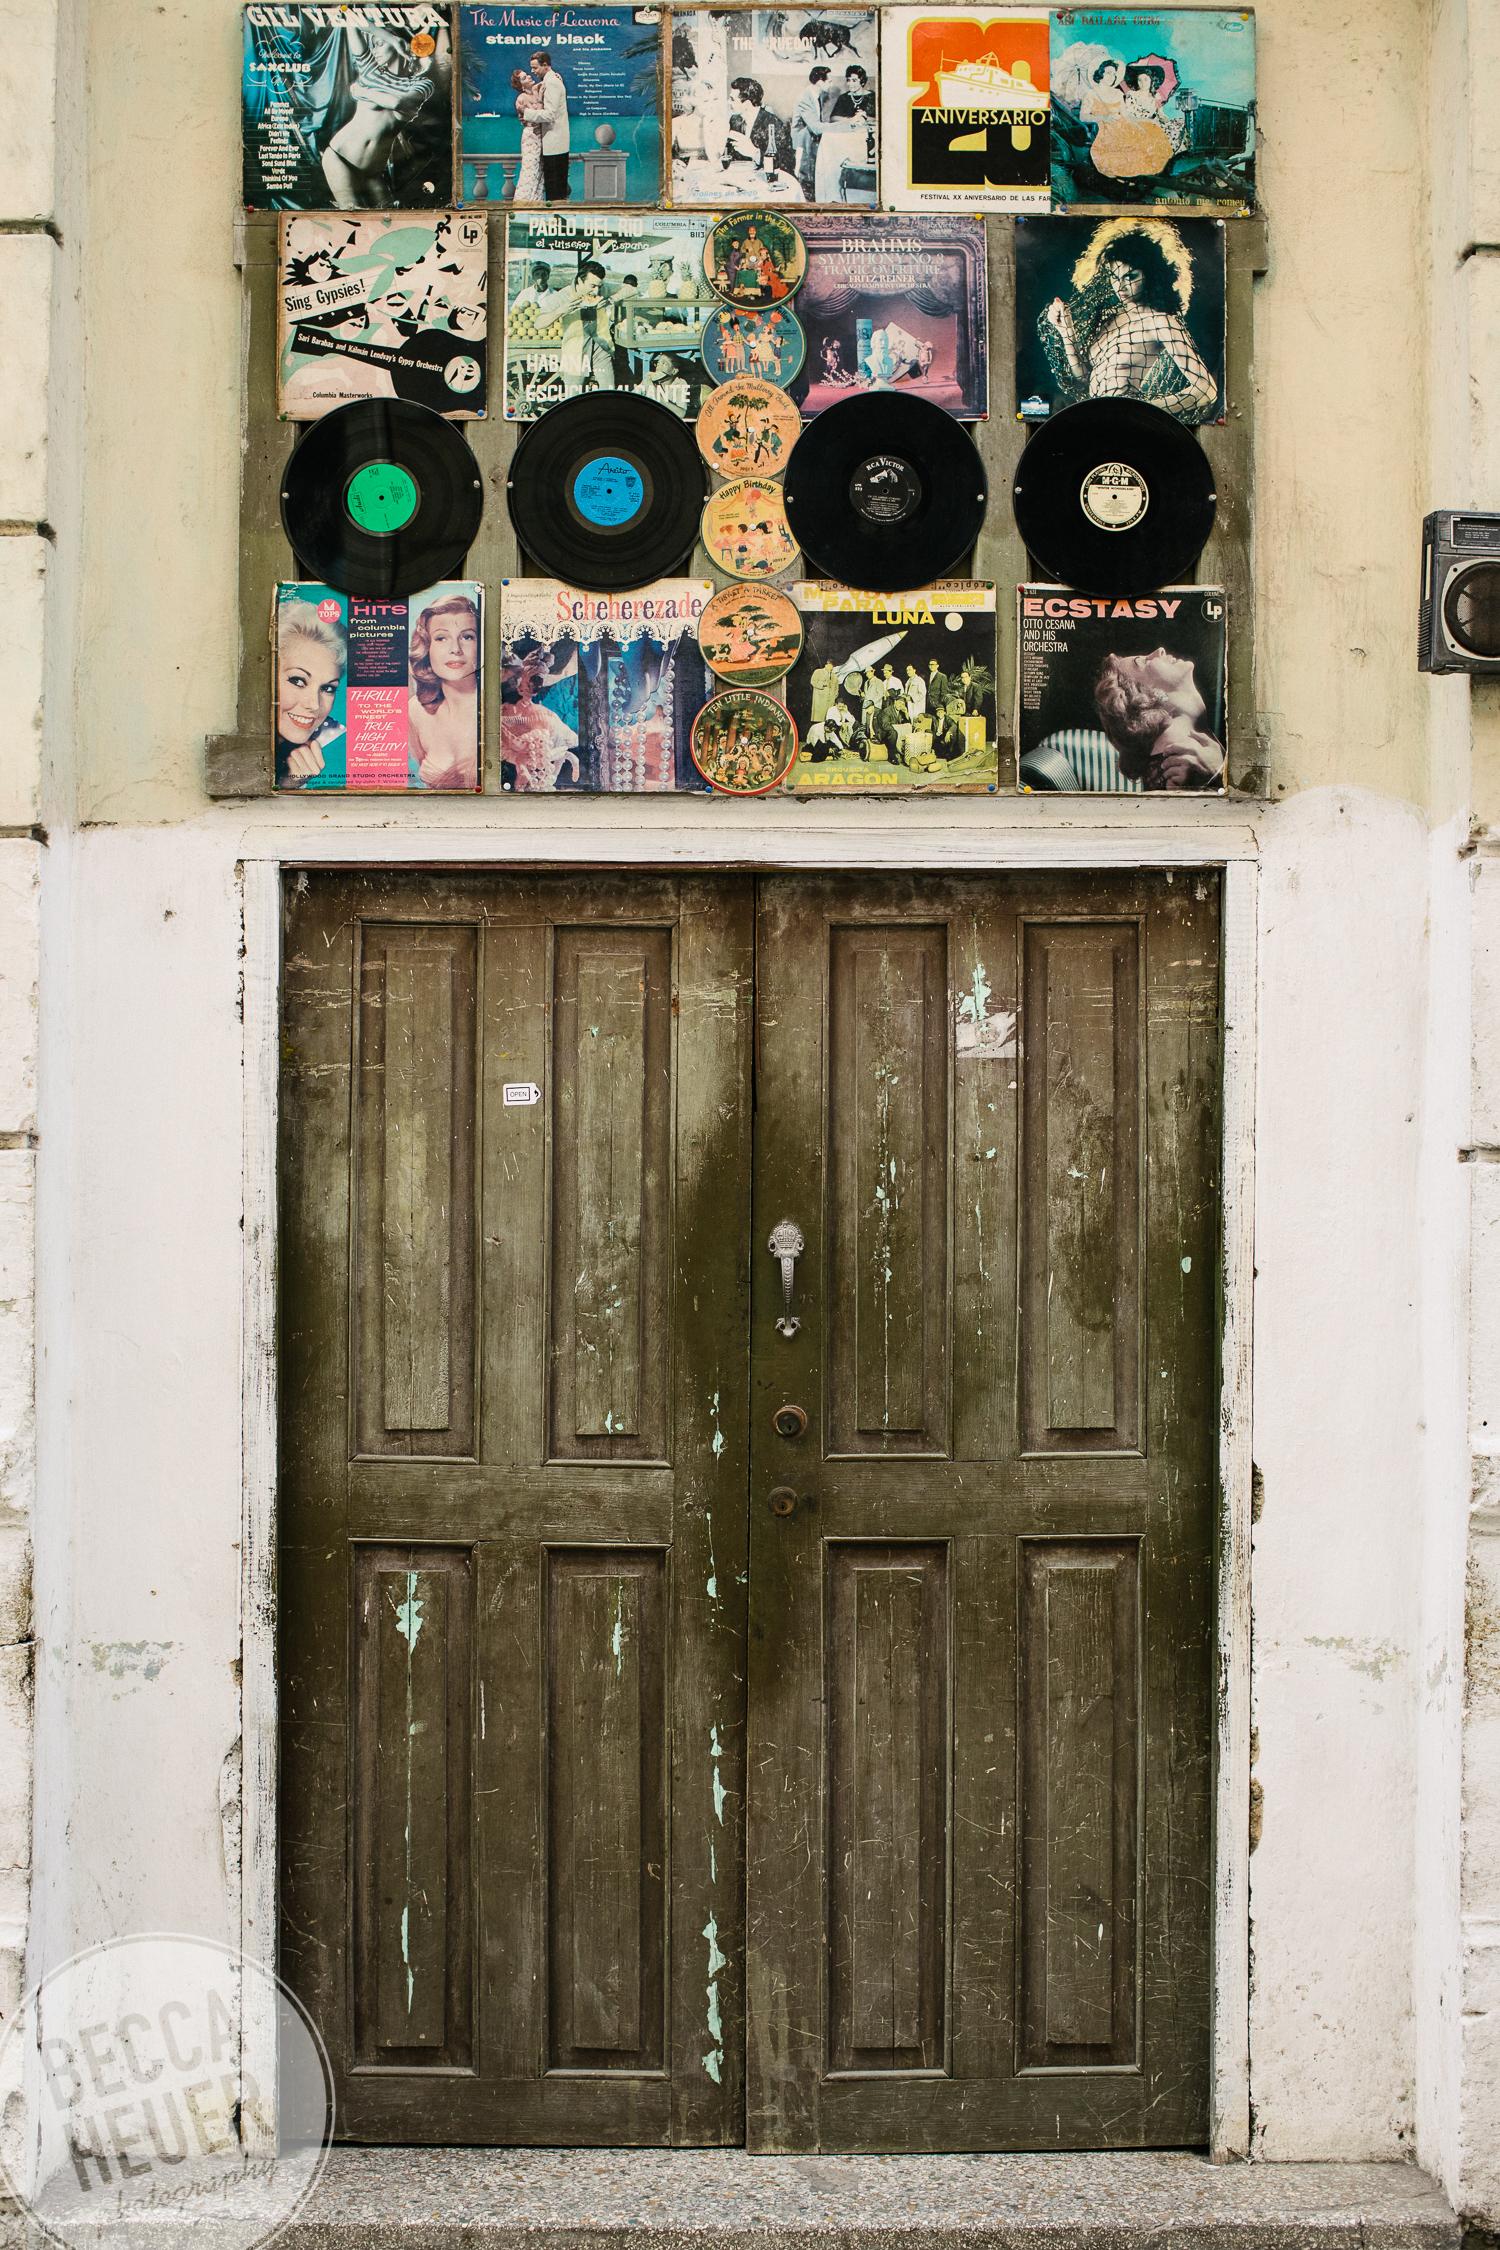 Cuba-001-14.jpg